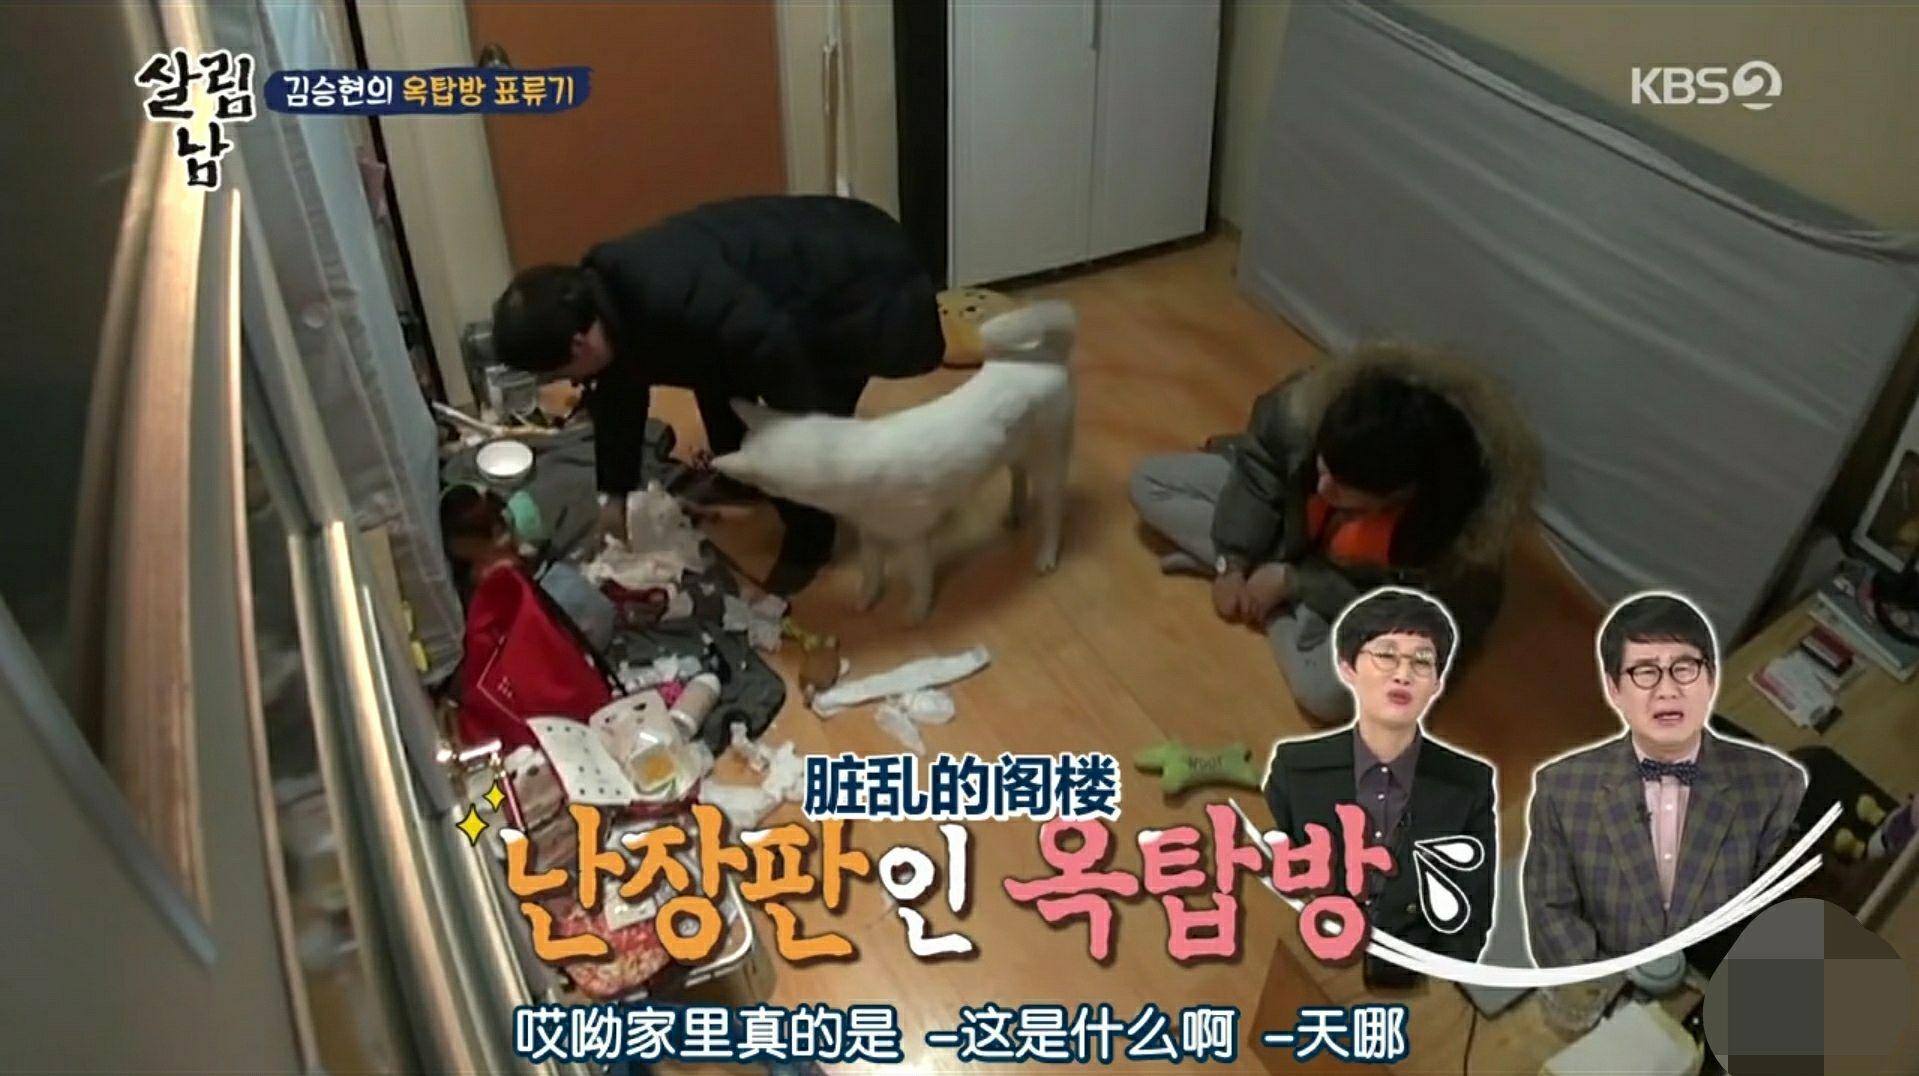 韩国明星住阁楼没有暖气,弟弟烤肉店两年没开张,72岁老父亲泪目